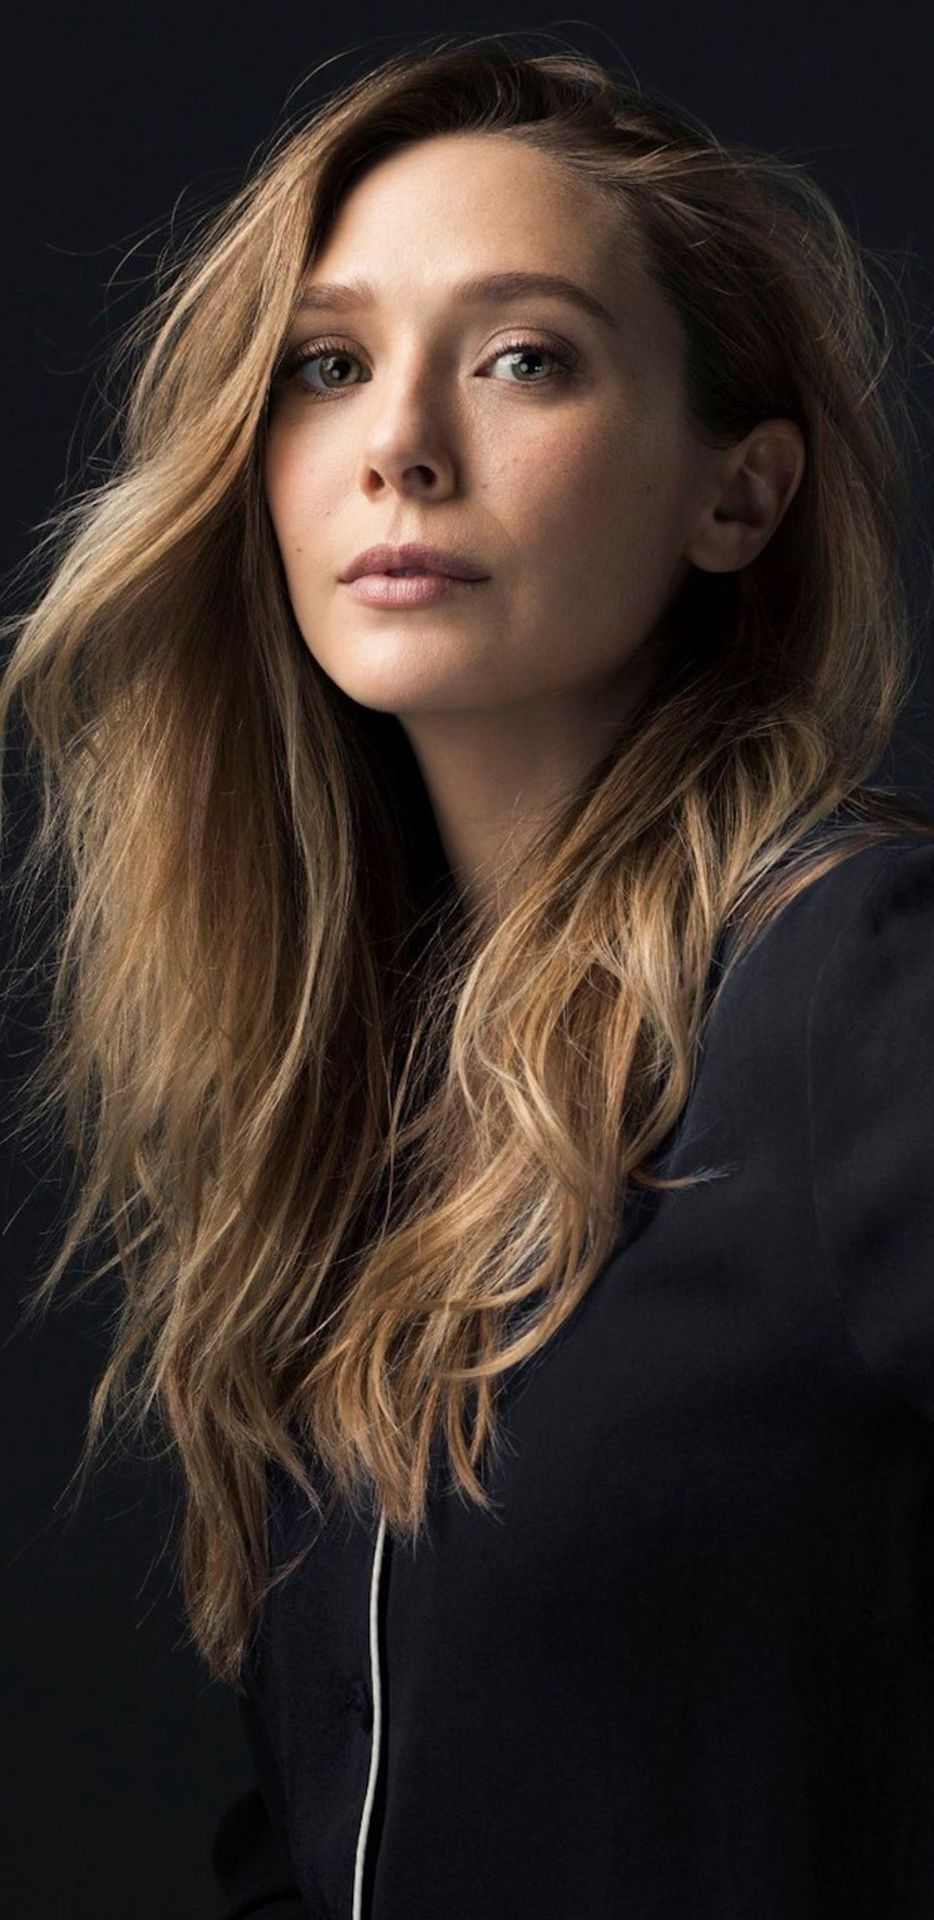 Face Claimers Elizabeth Olsen In 2021 Elizabeth Olsen Elizabeth Olsen Scarlet Witch Olsen